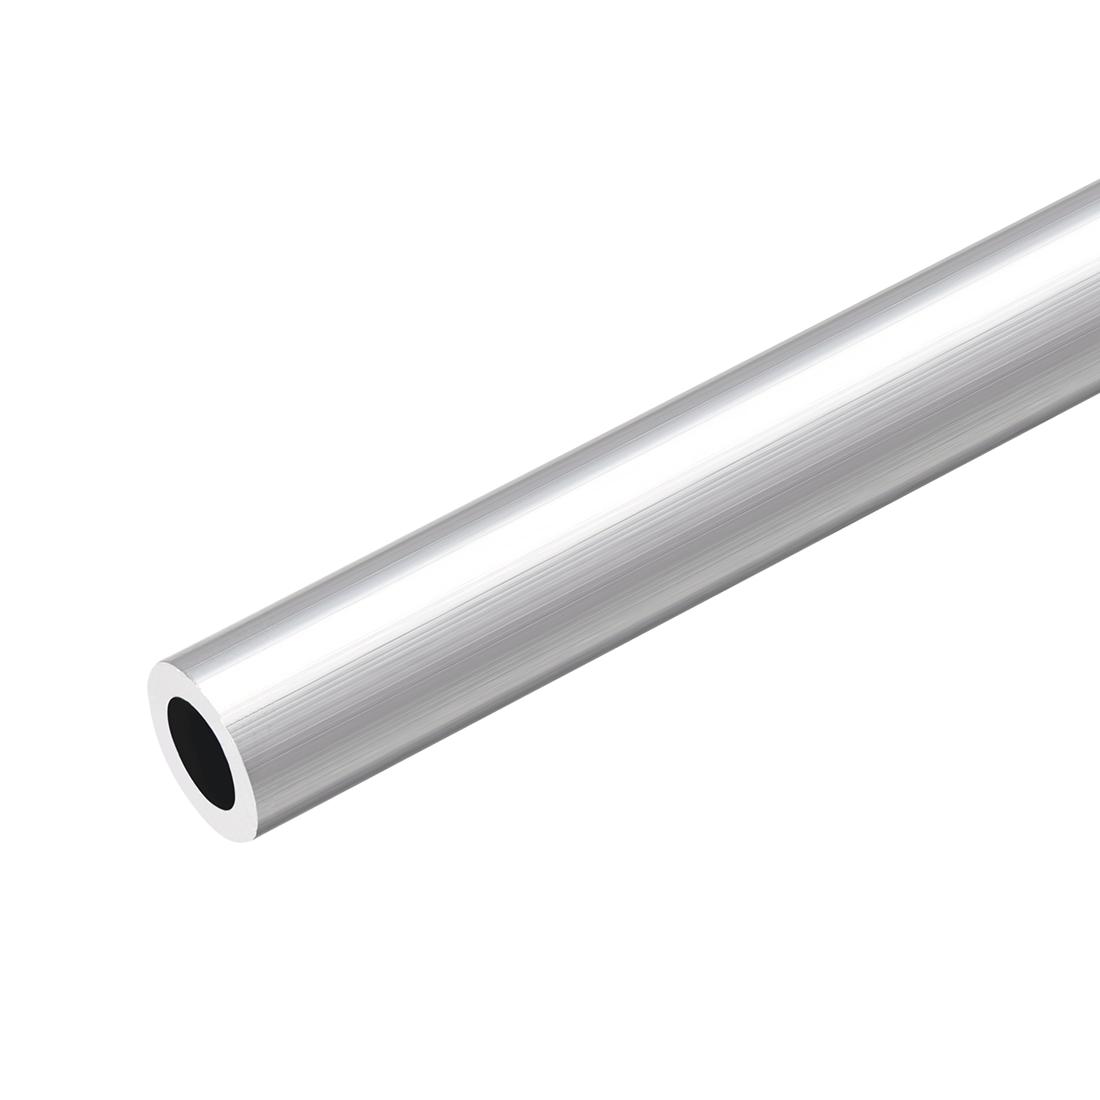 6063 Aluminum Round Tube 300mm Length 16mm OD 10mm Inner Dia Seamless Tubing